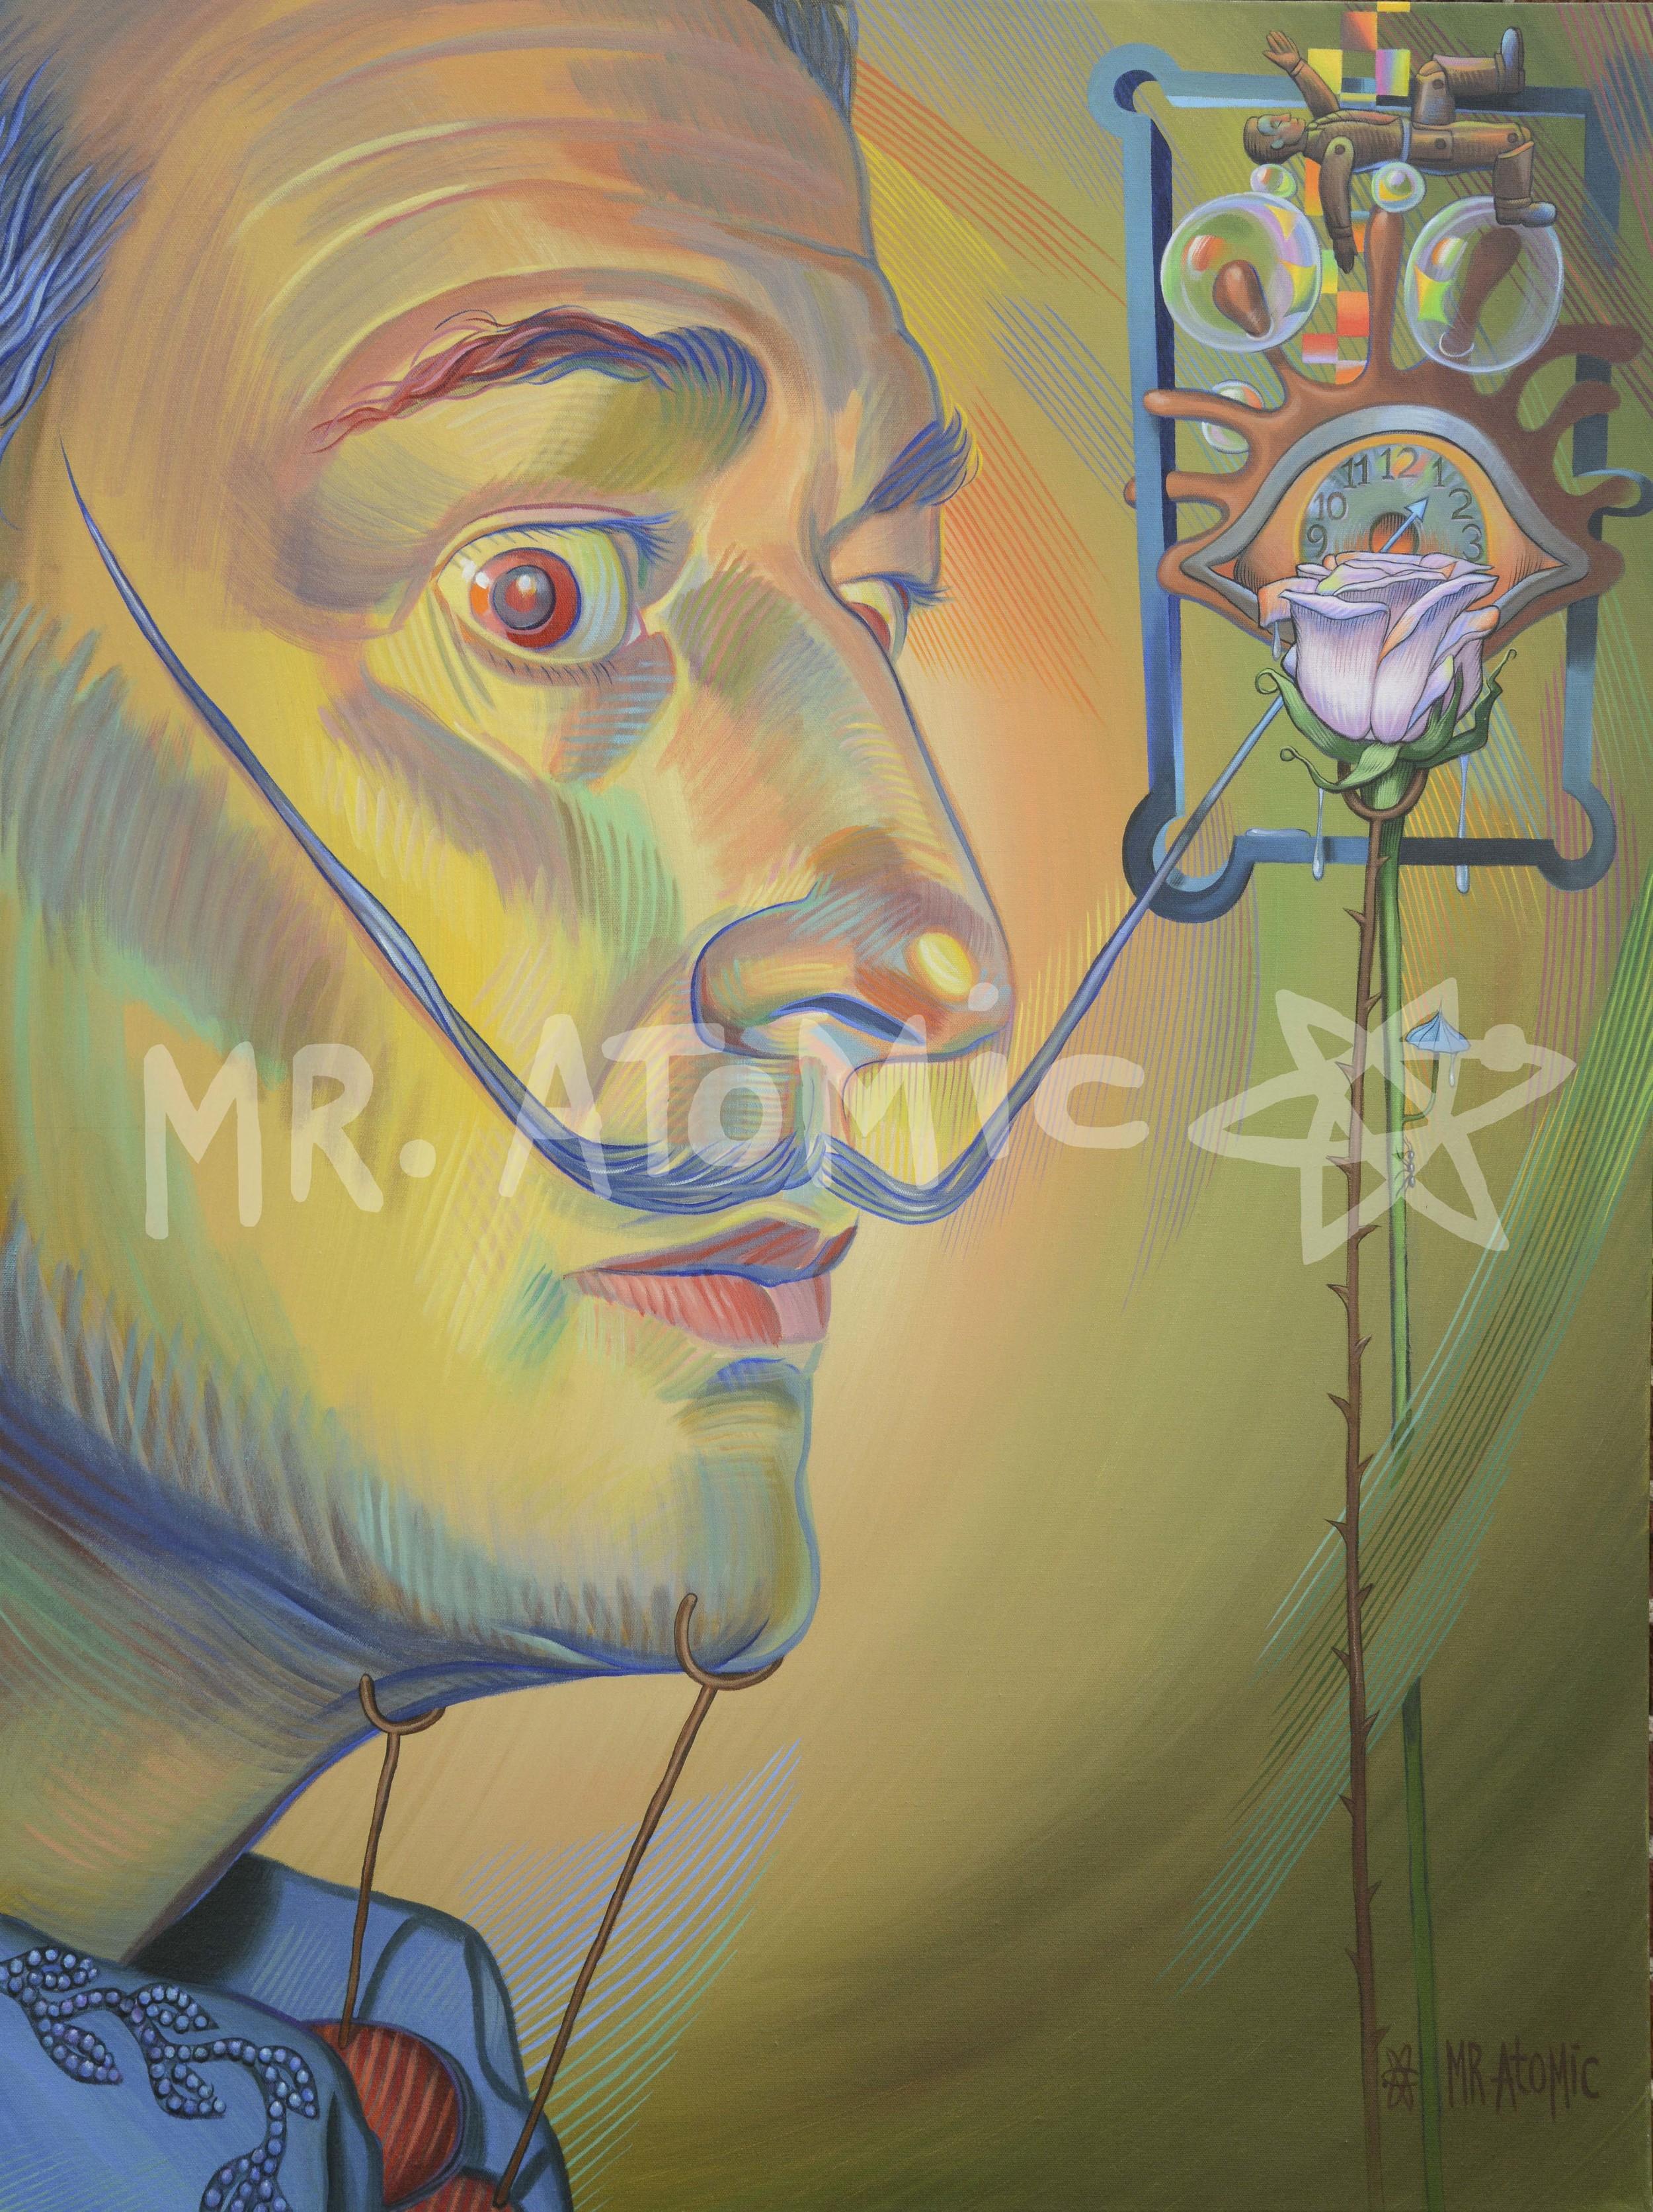 Salvadore Dali-Mustache with Crutch - 3'x4'